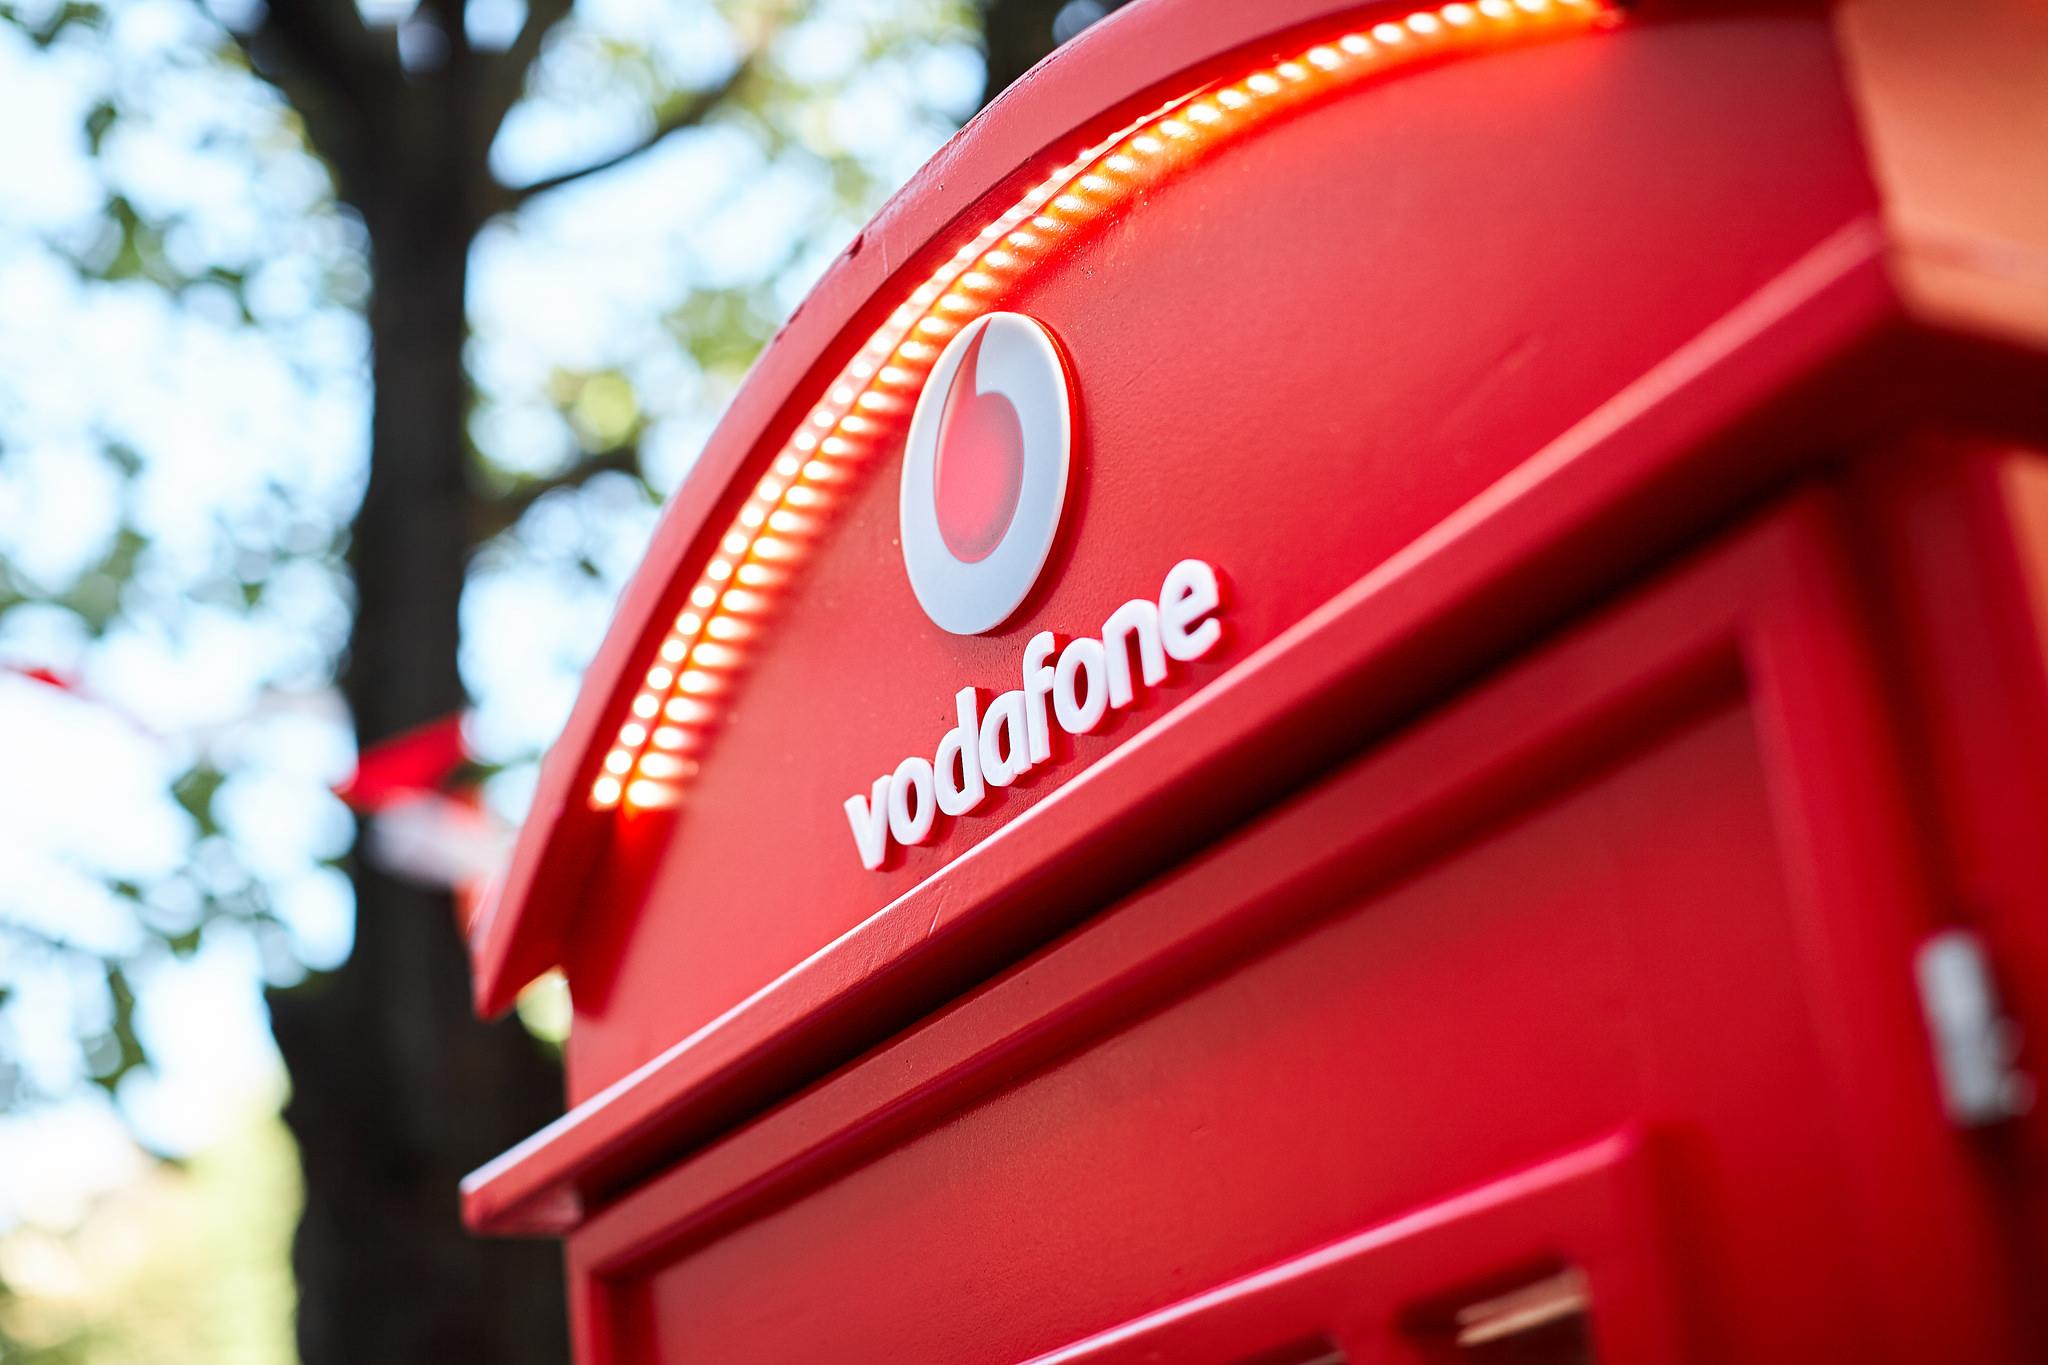 «Vodafone Украина» за 2016 год привлек 425 000 новых абонентов, но чистая прибыль упала на 44%